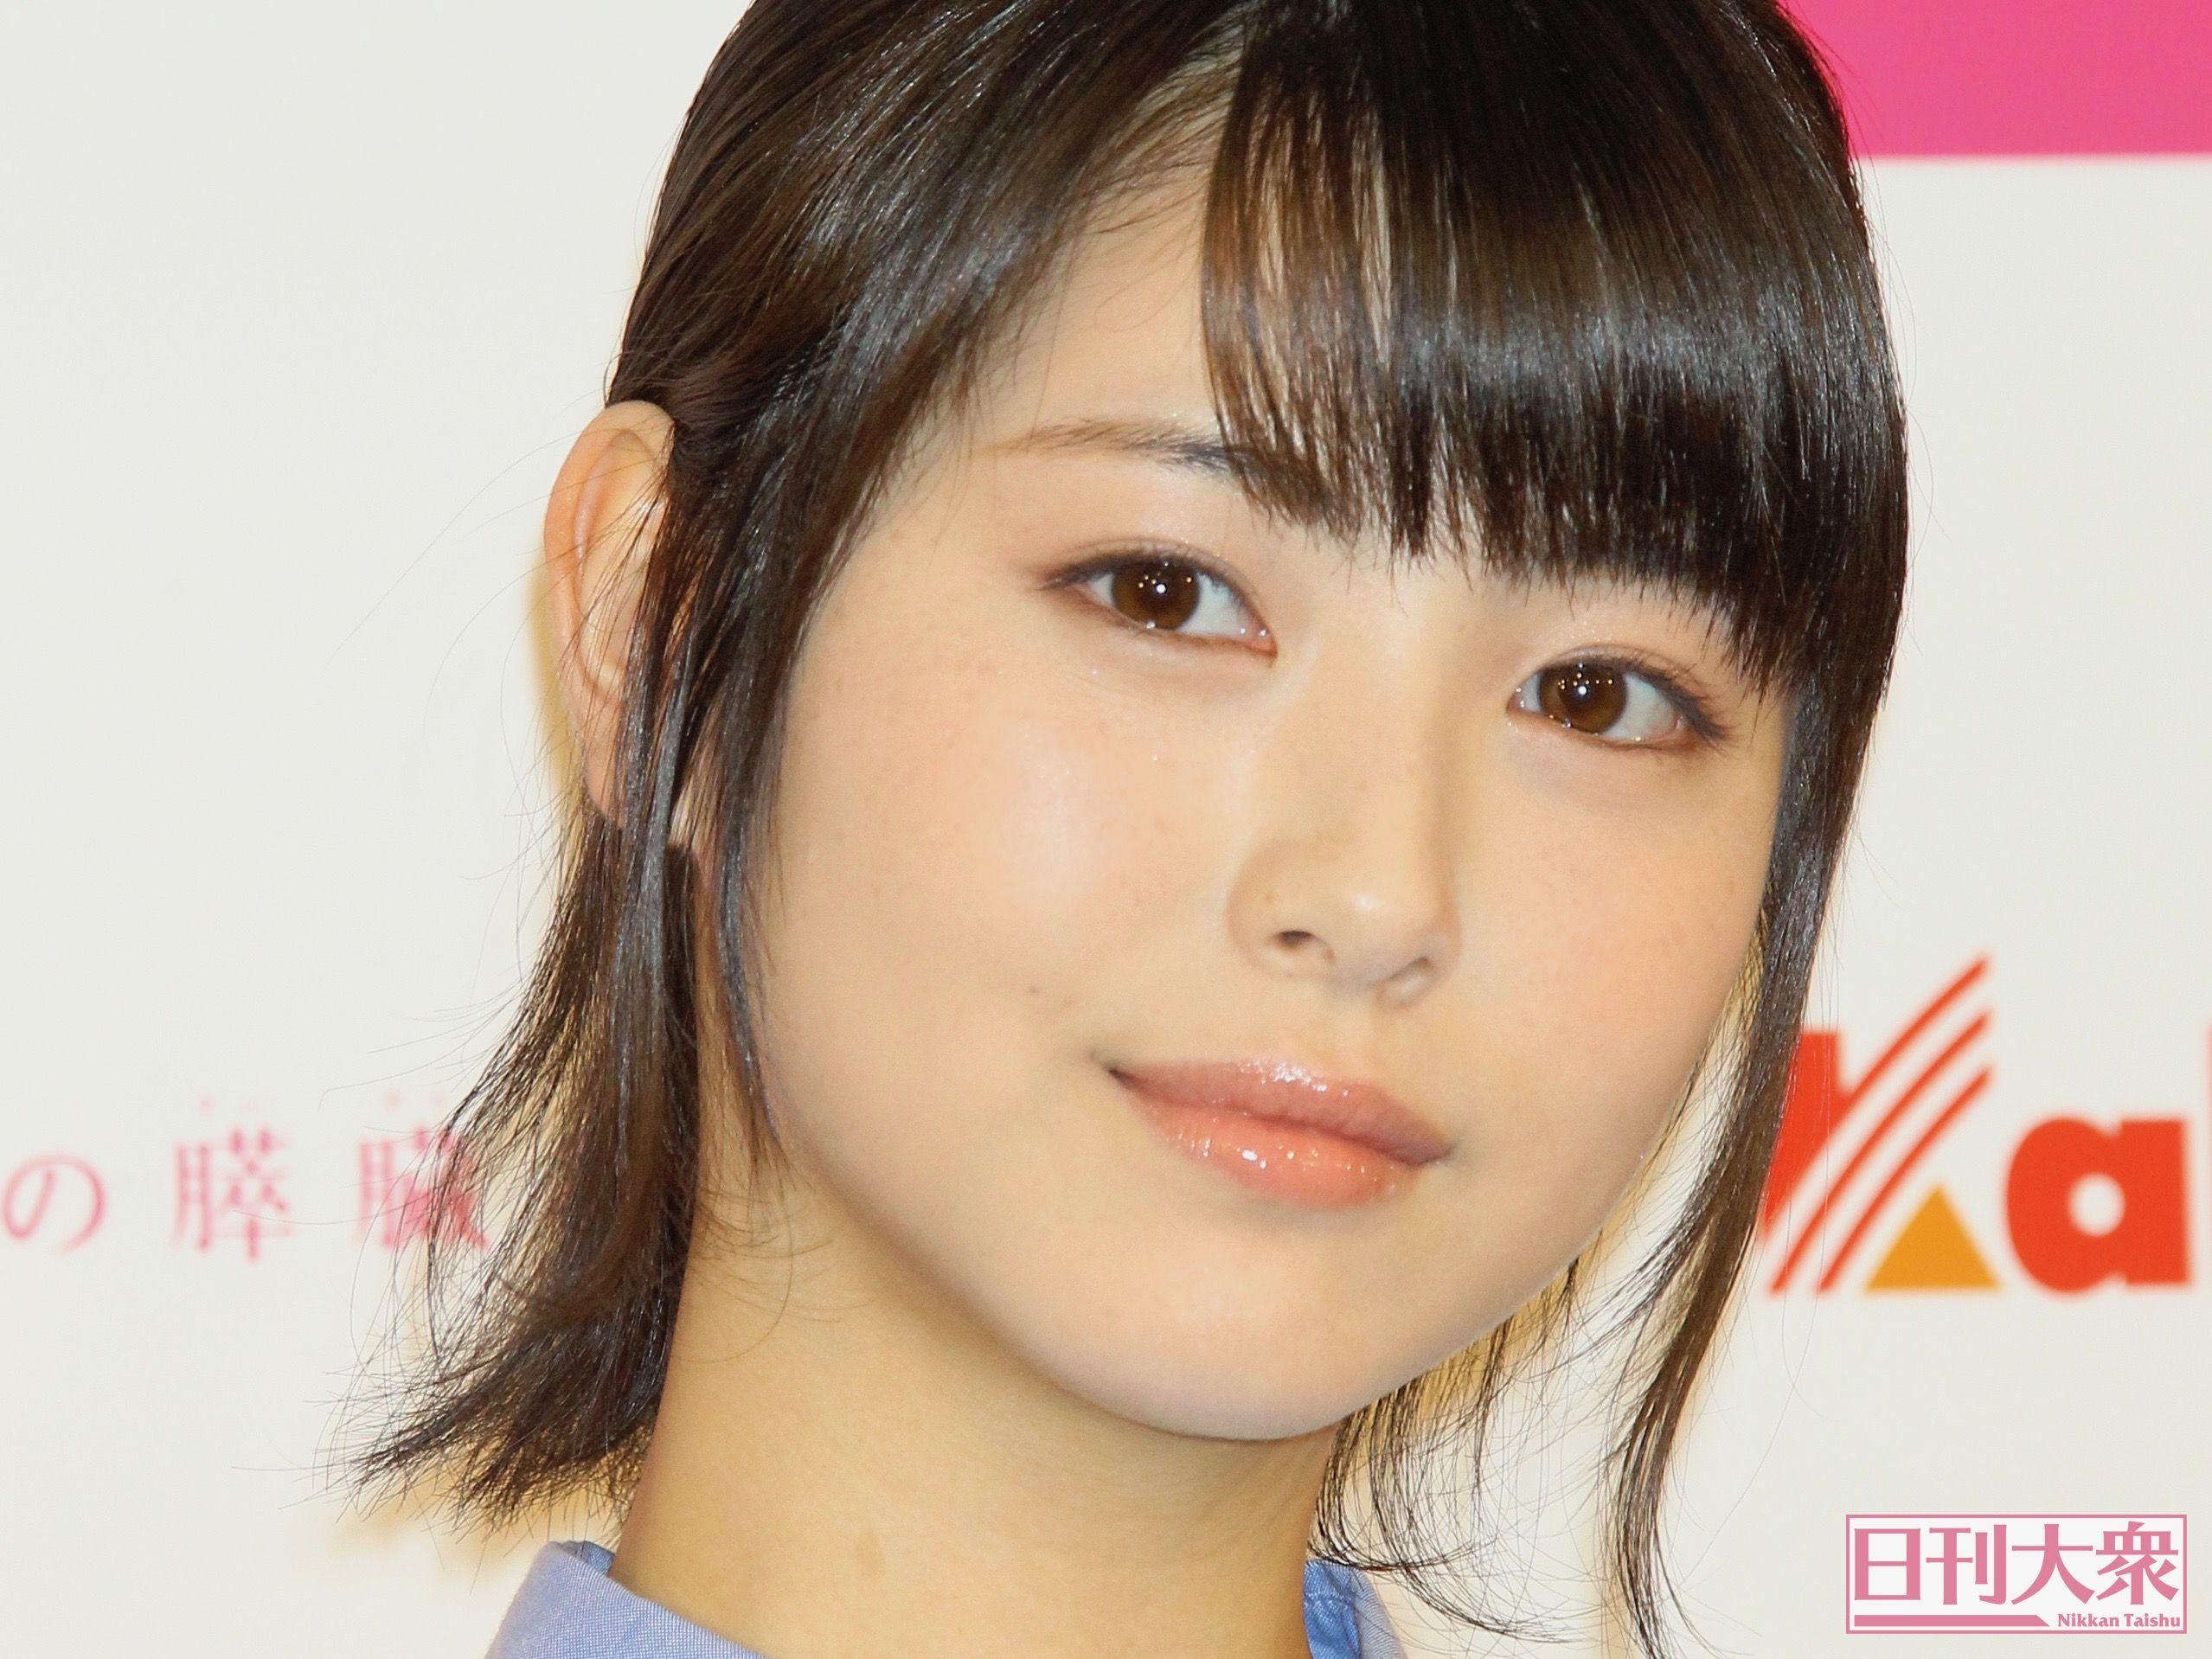 美少女ドラマ『咲』、「浜辺美波がかわいすぎる」と話題